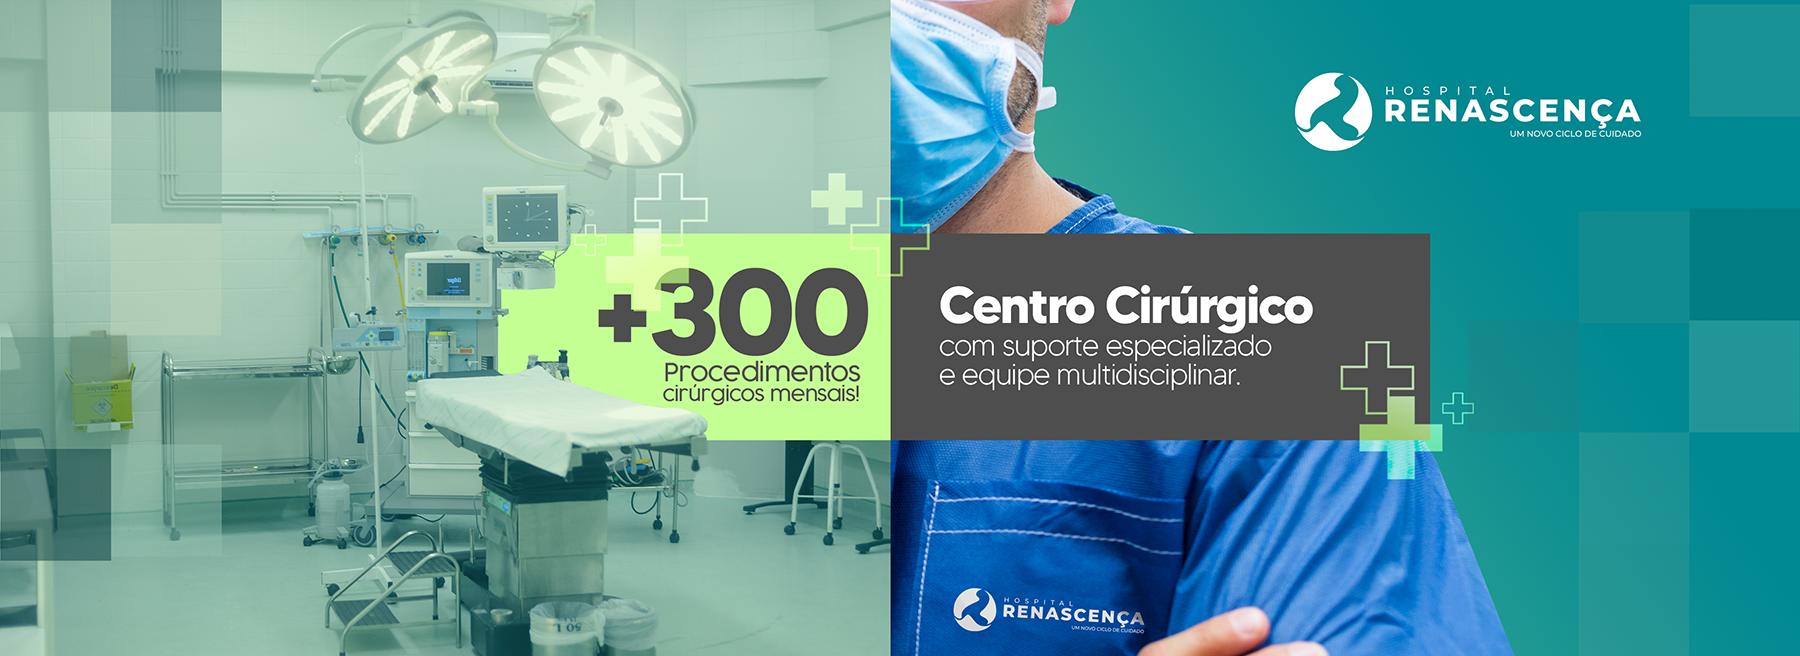 Centro cirugico